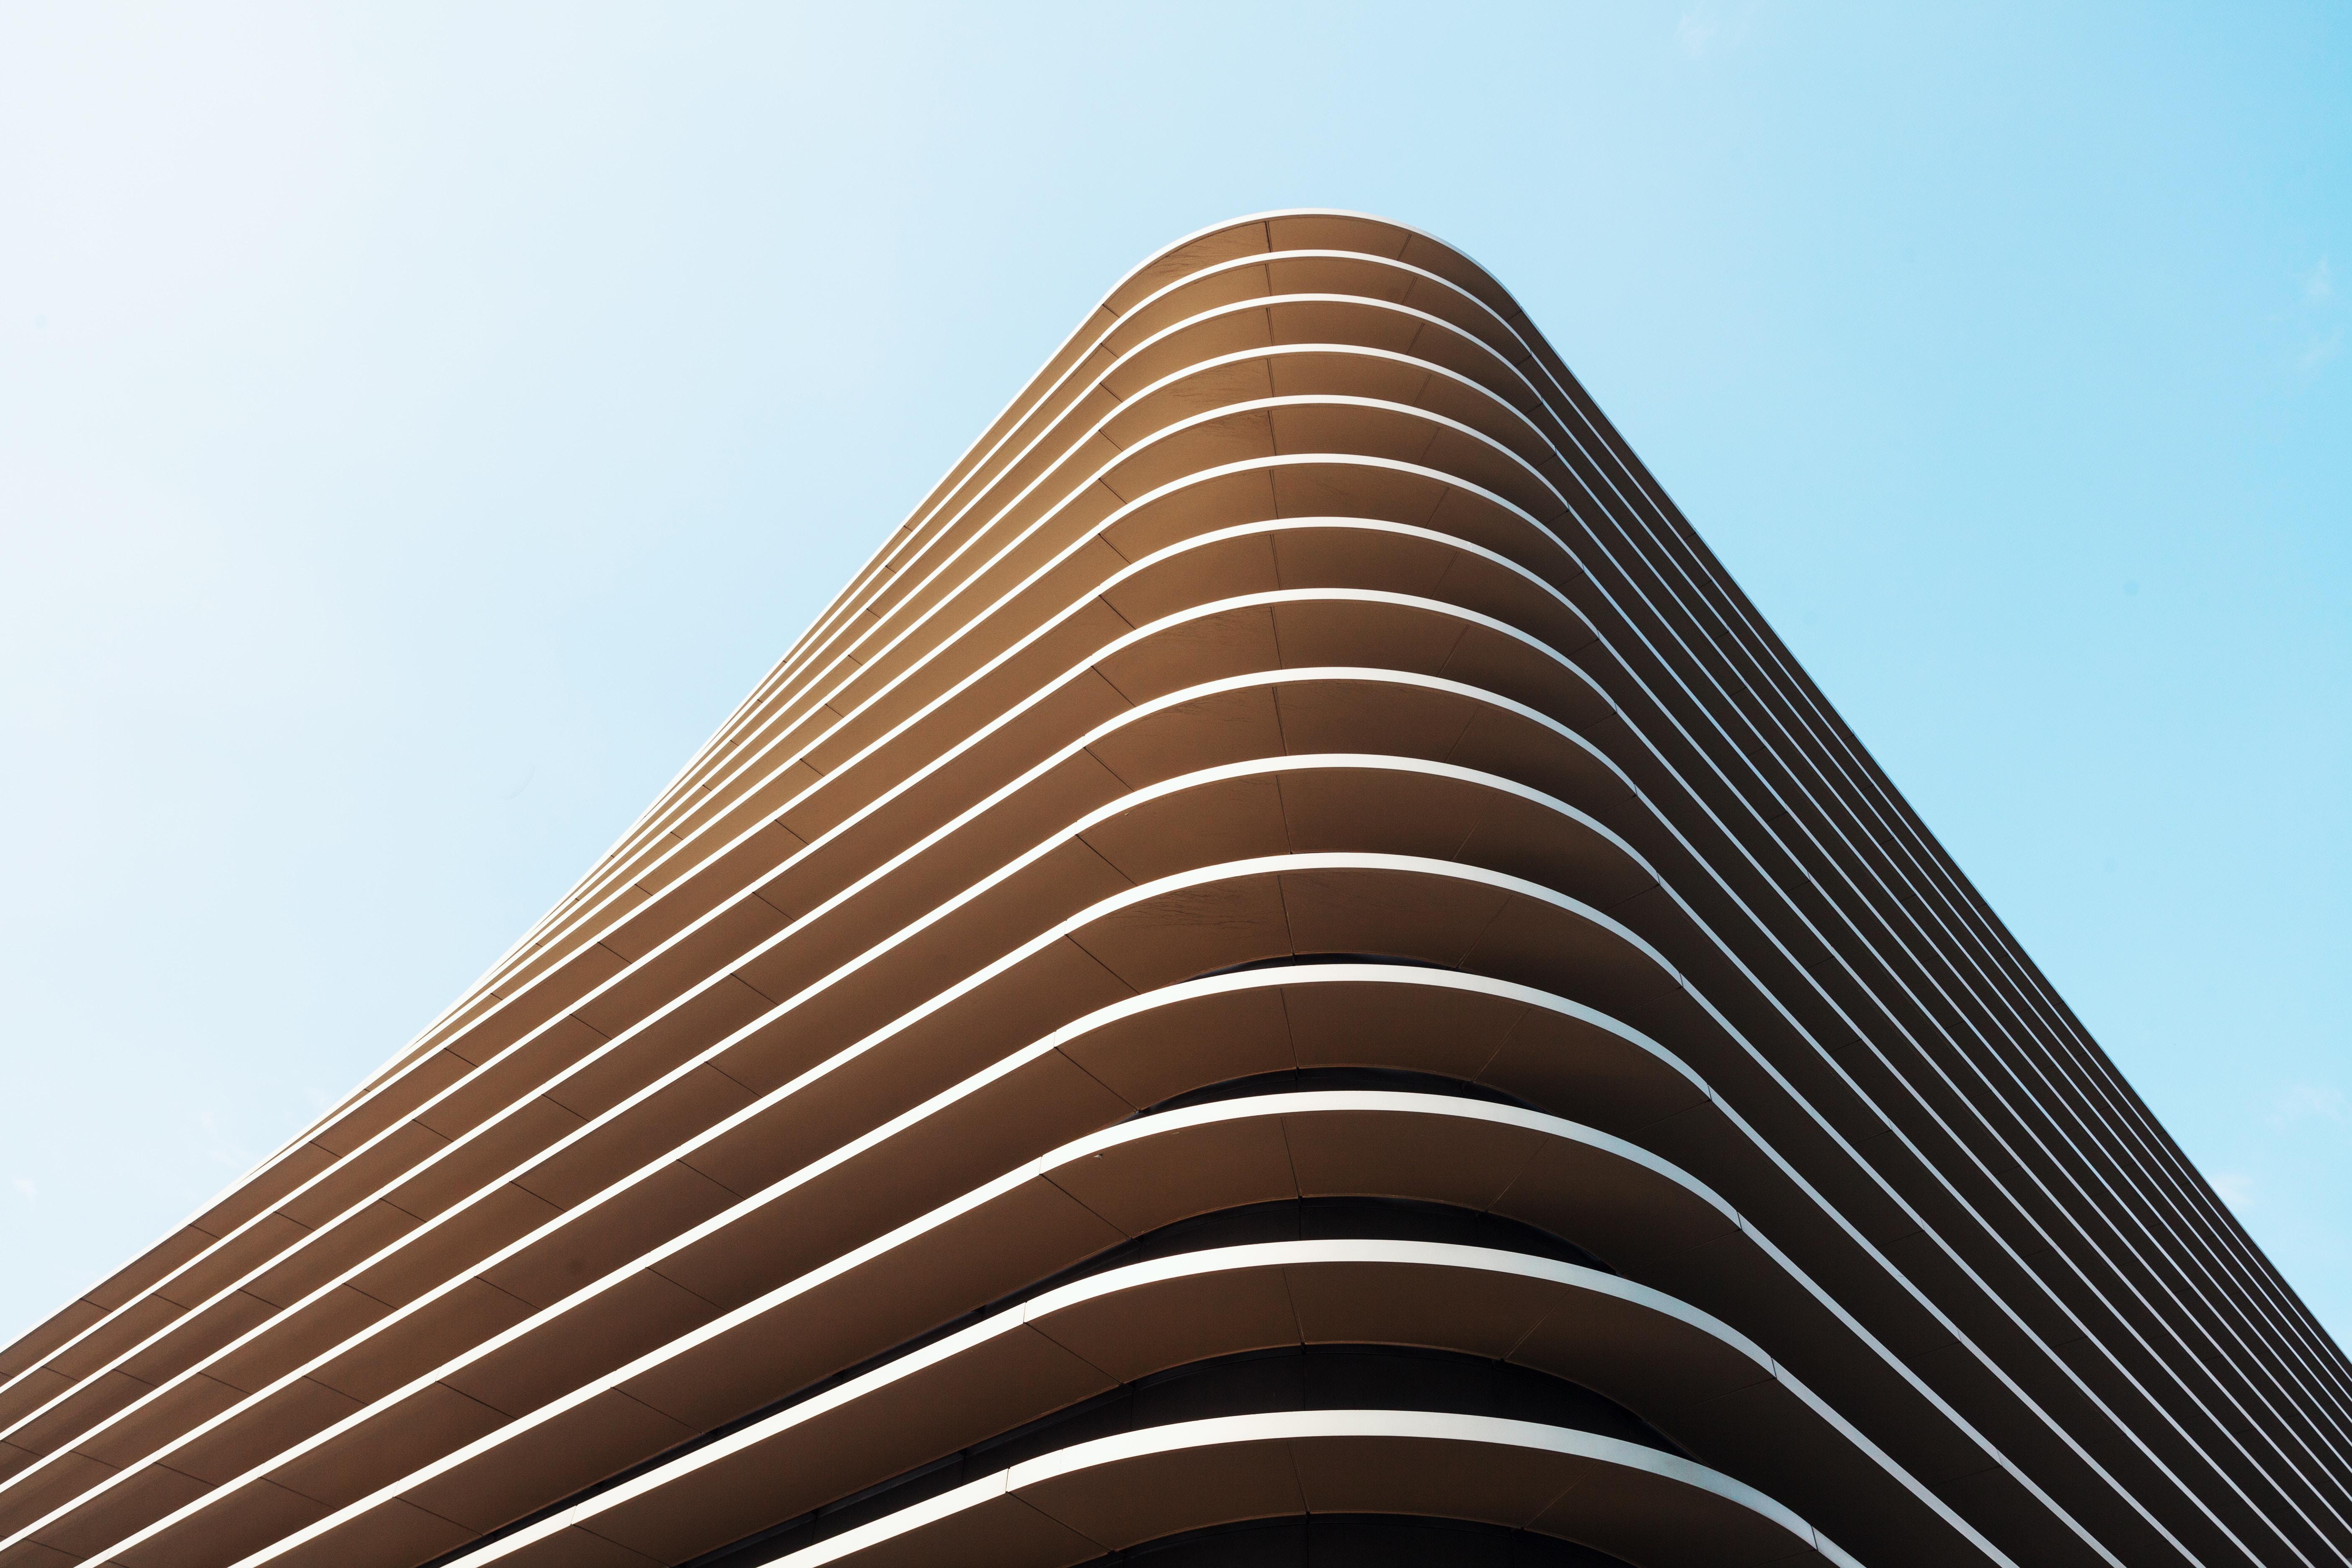 Architecture, Modern, Minimal, Building, 5K, World